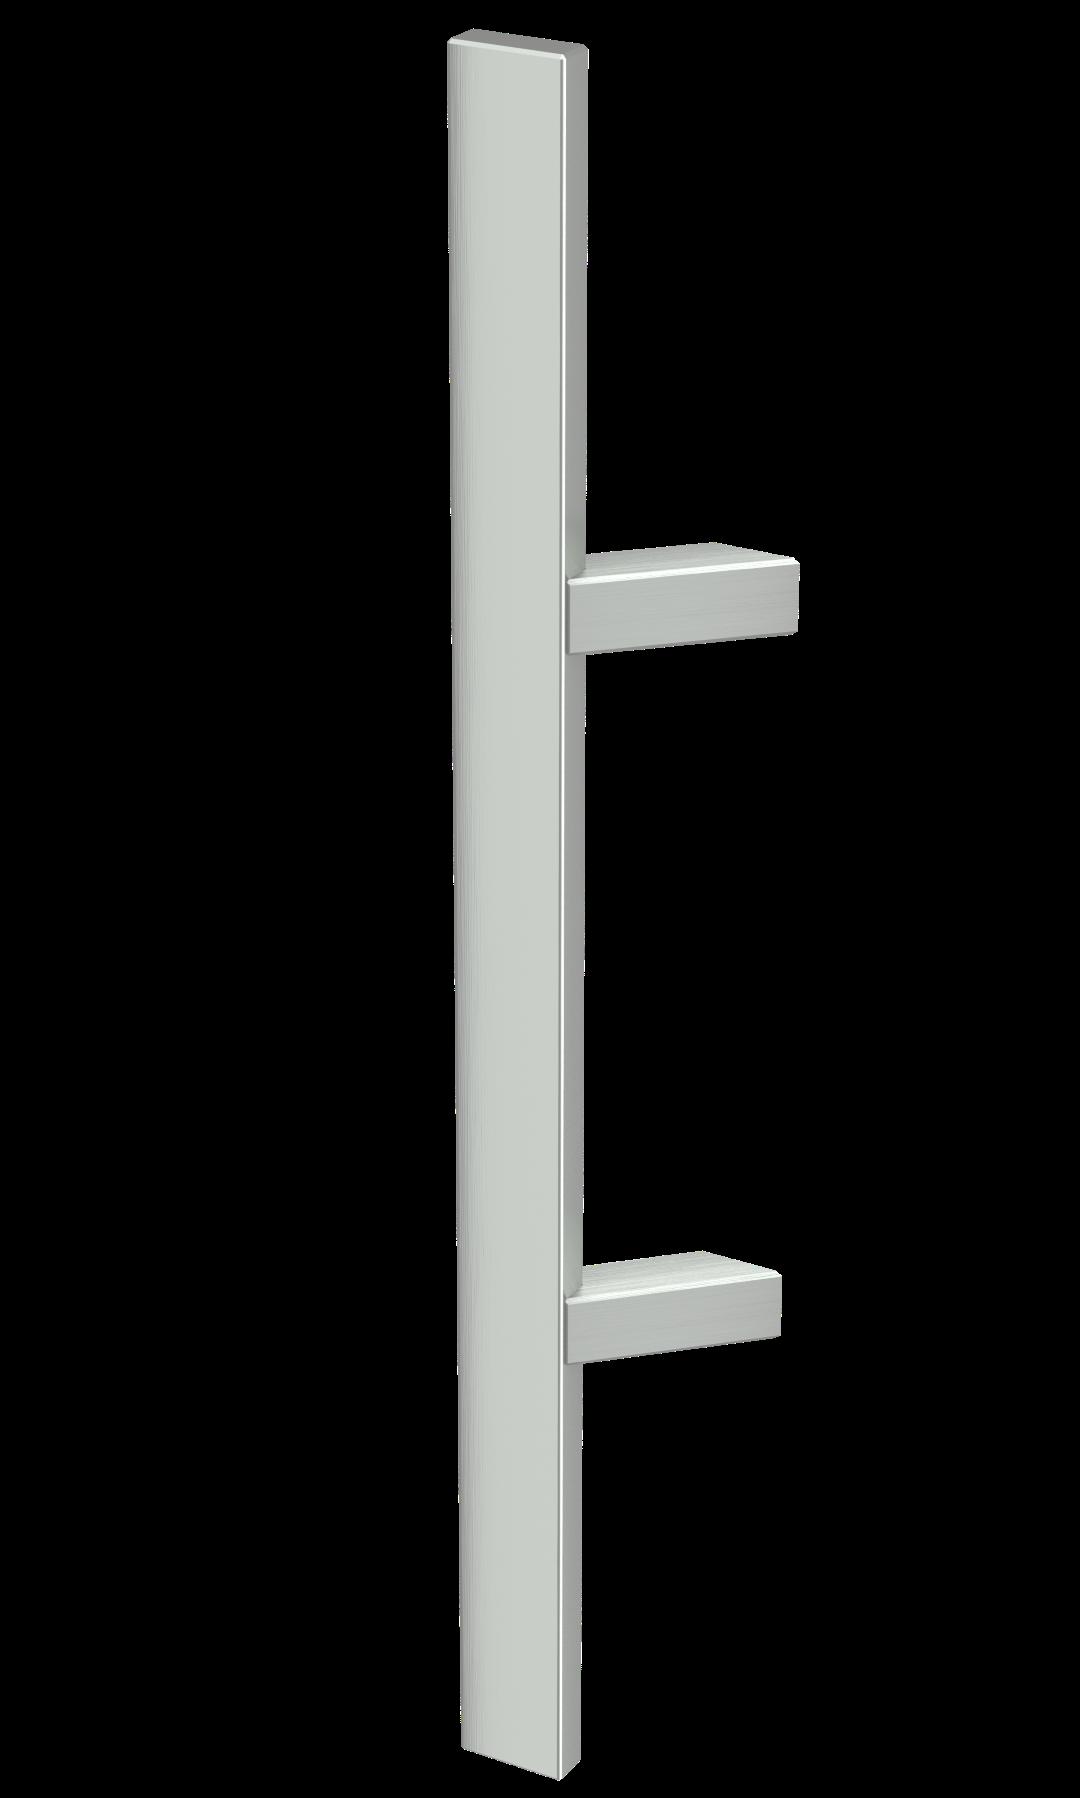 Griffingov ročaj GPR-KN-45 iz linije Prime Line-inox ročaji za vhodna vrata